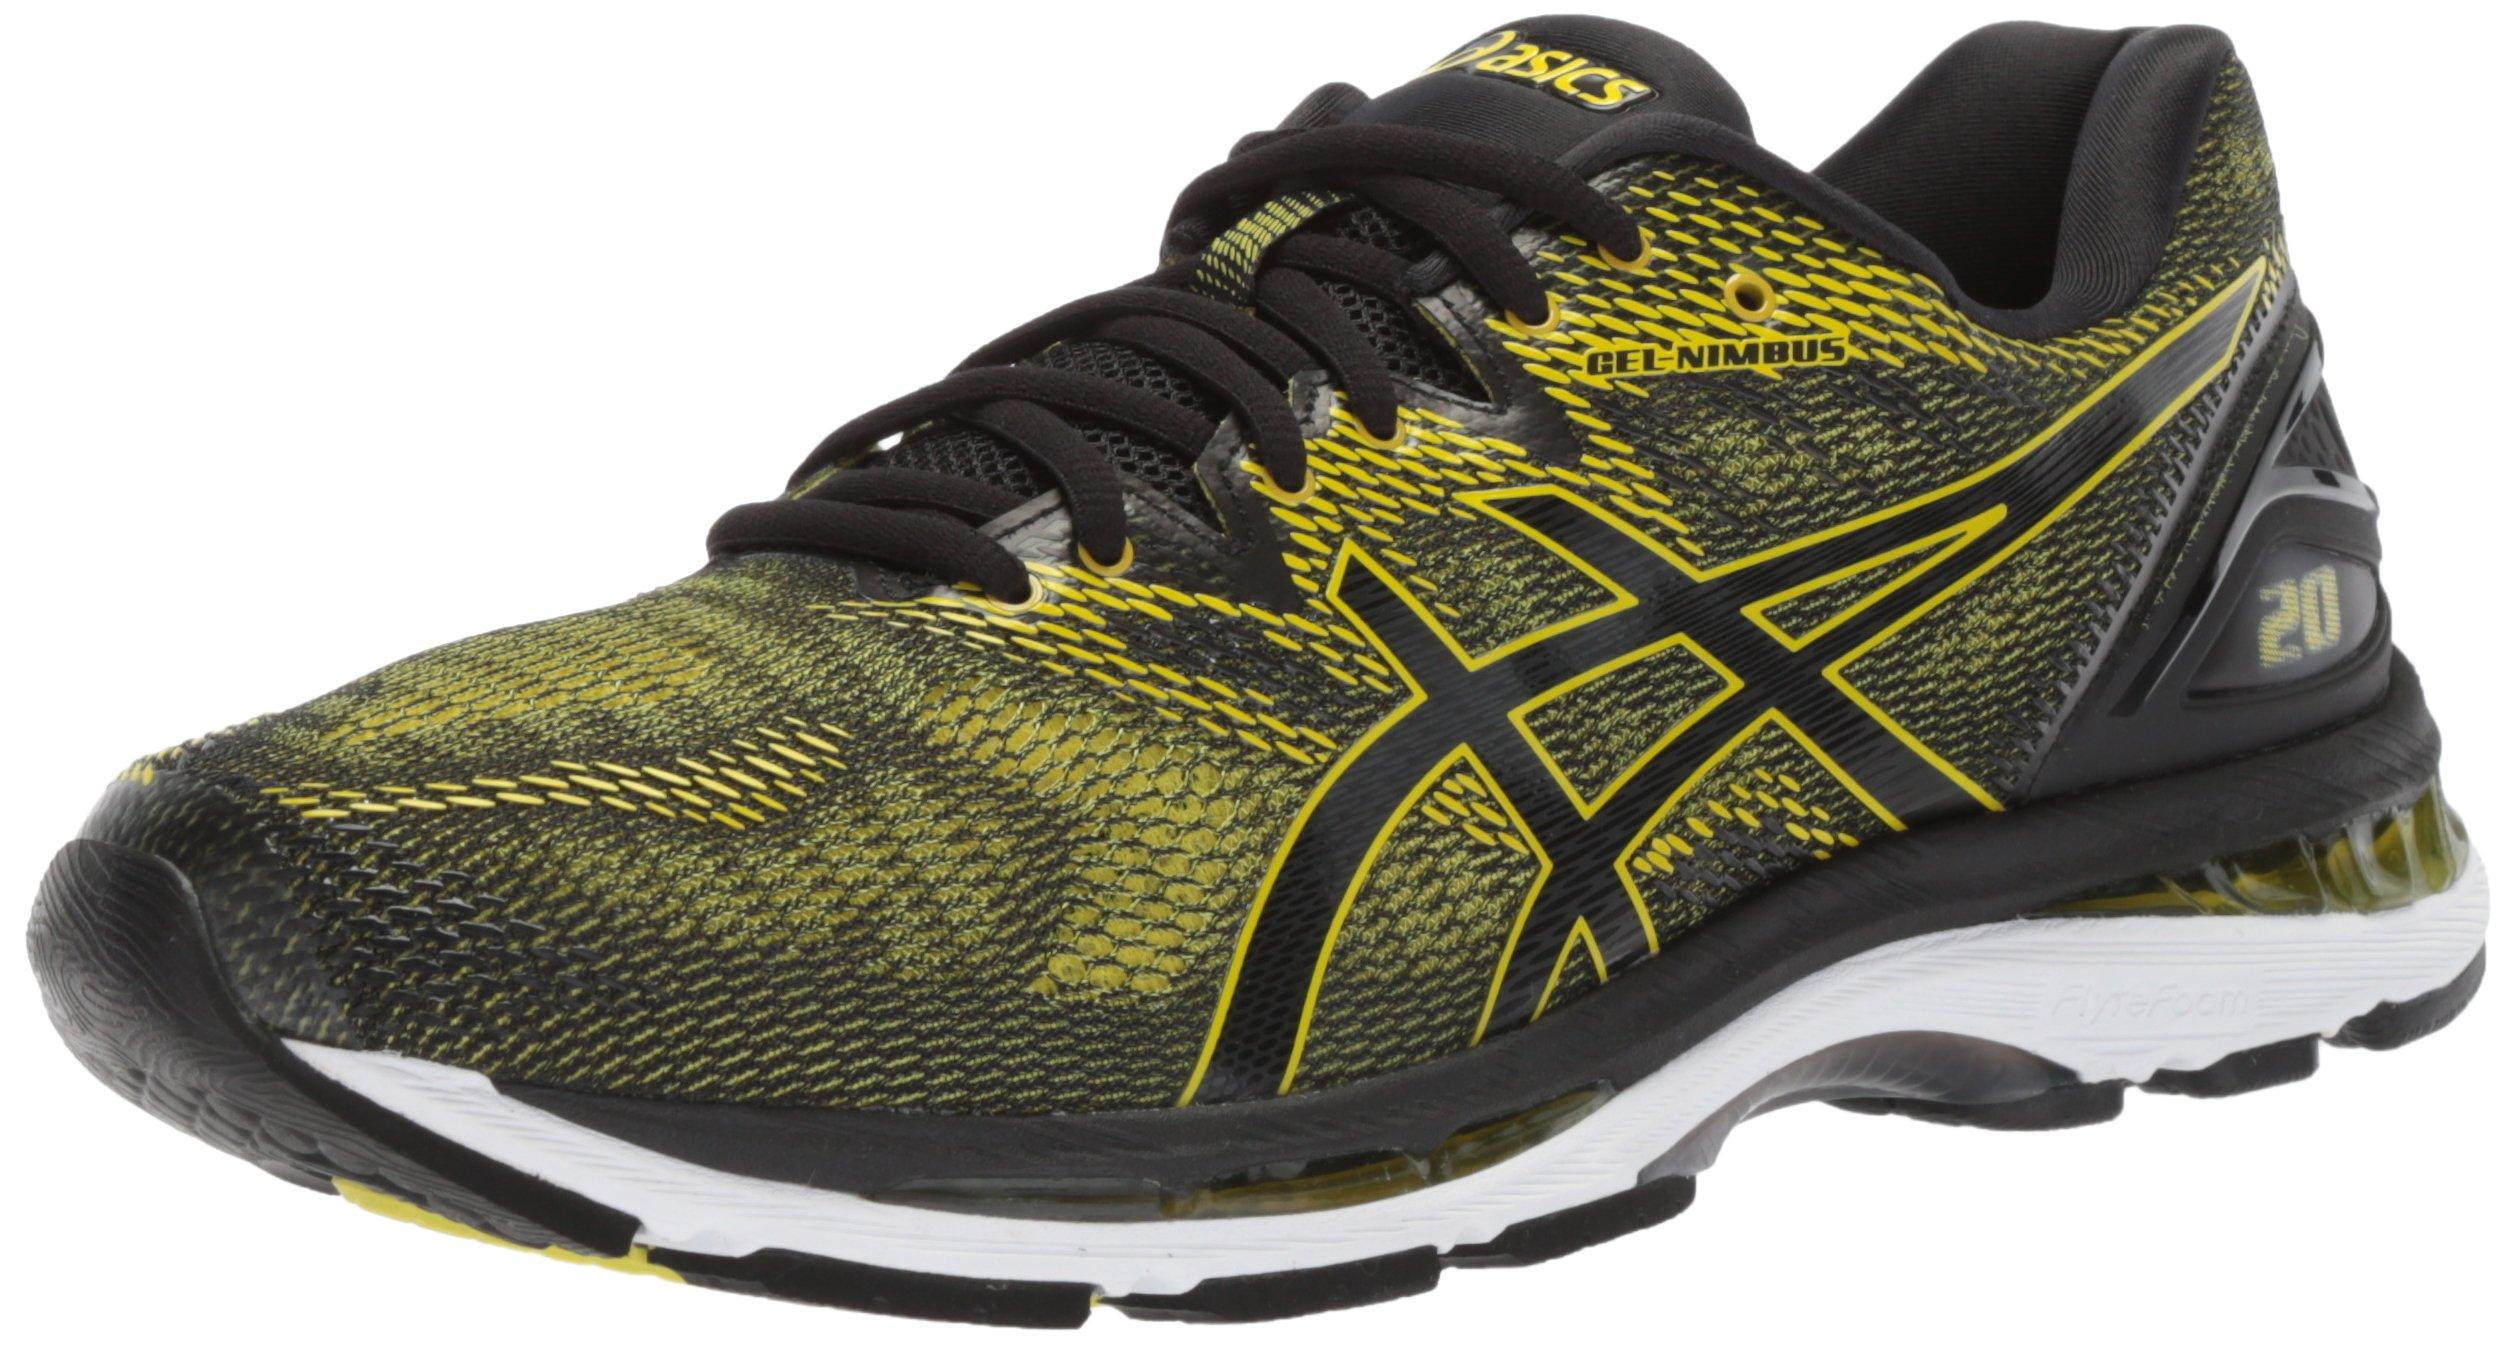 ASICS Men's Gel-Nimbus 20 Running Shoe, Sulphur